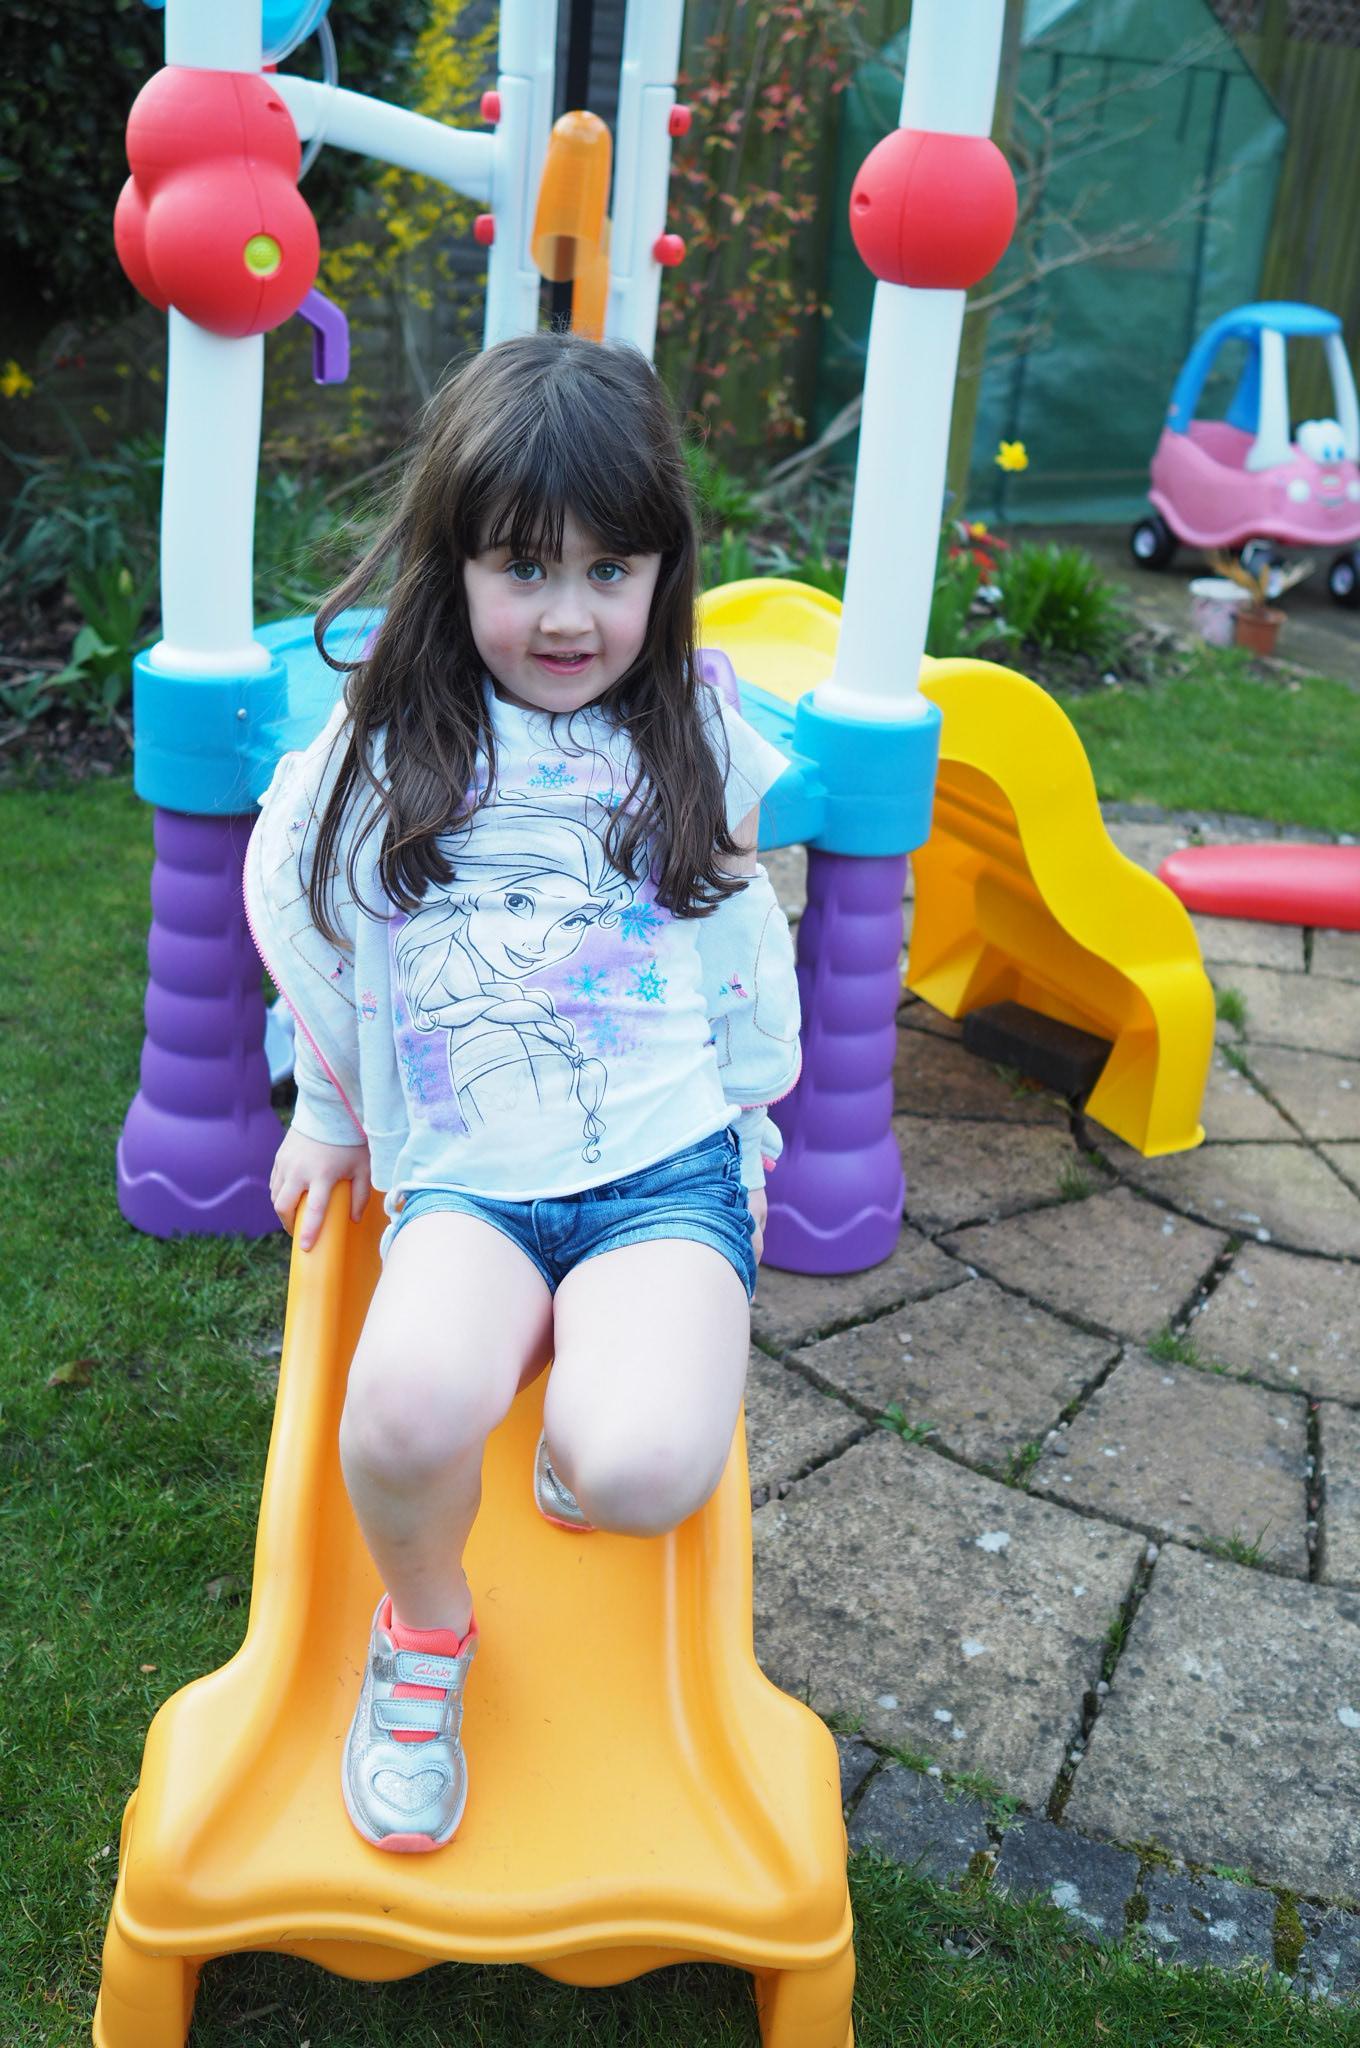 girl on slide Little Tikes Tumblin' Tower